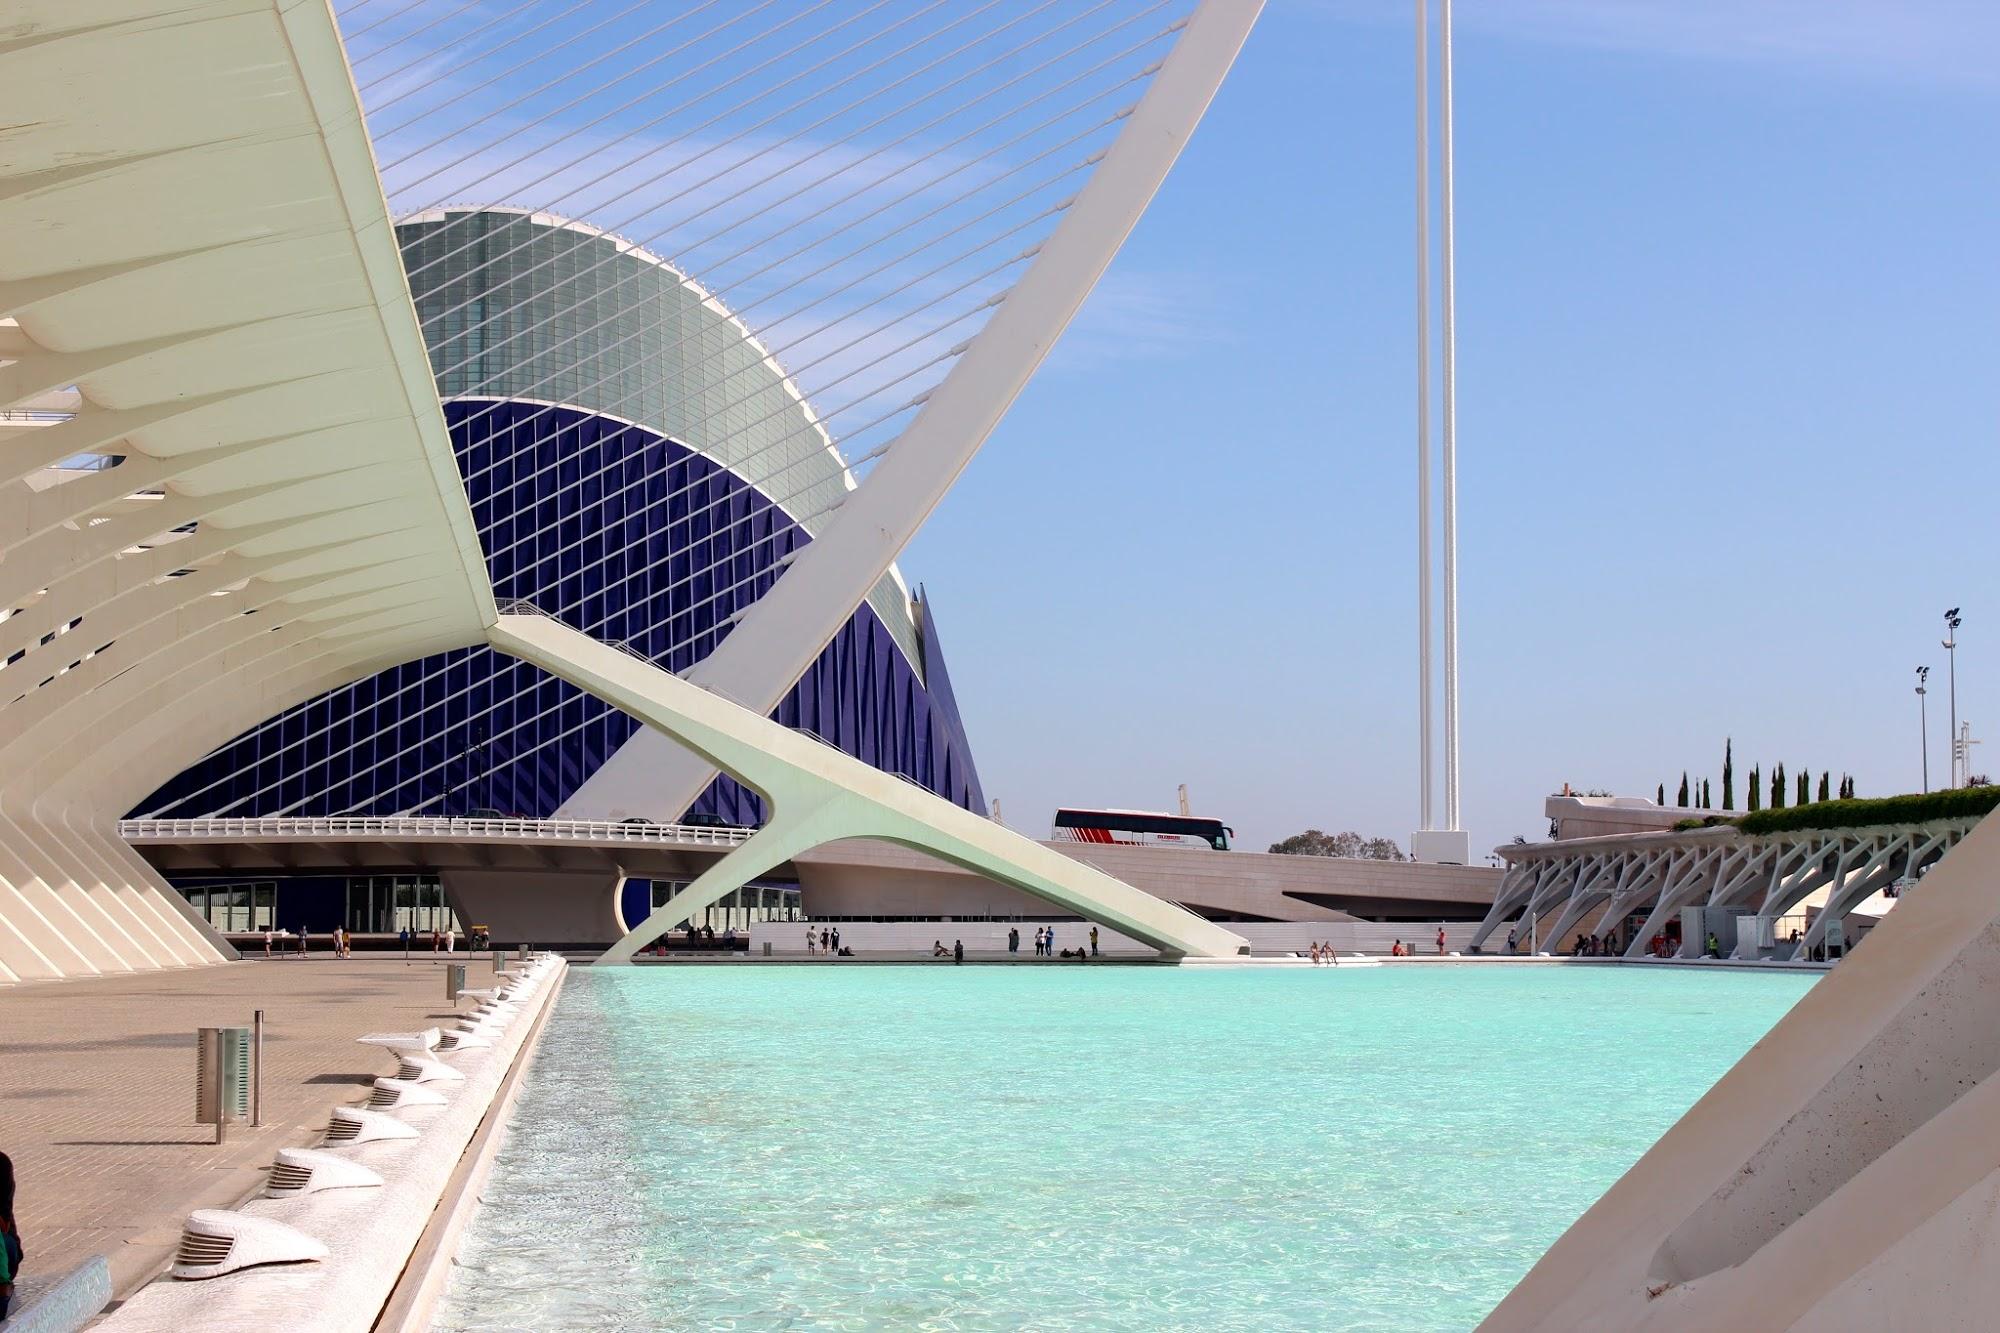 Valencia part 2: the City